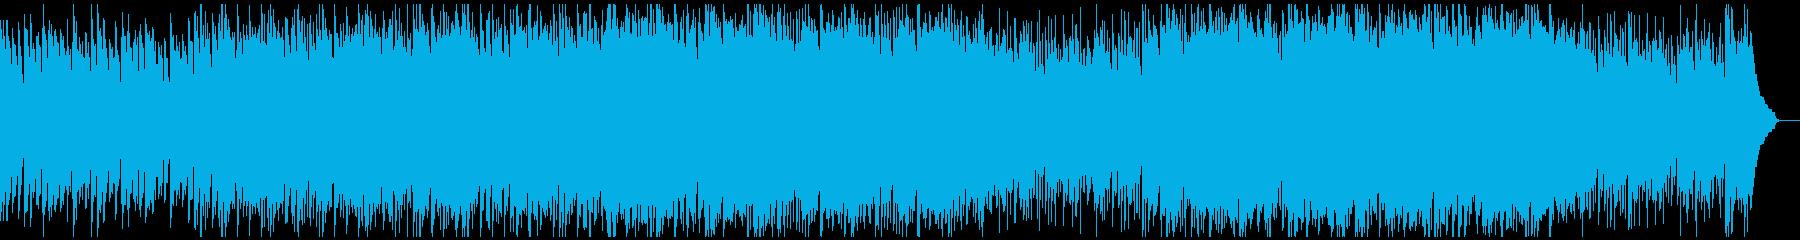 心がウキウキ晴れやかな気持ちになるBGMの再生済みの波形